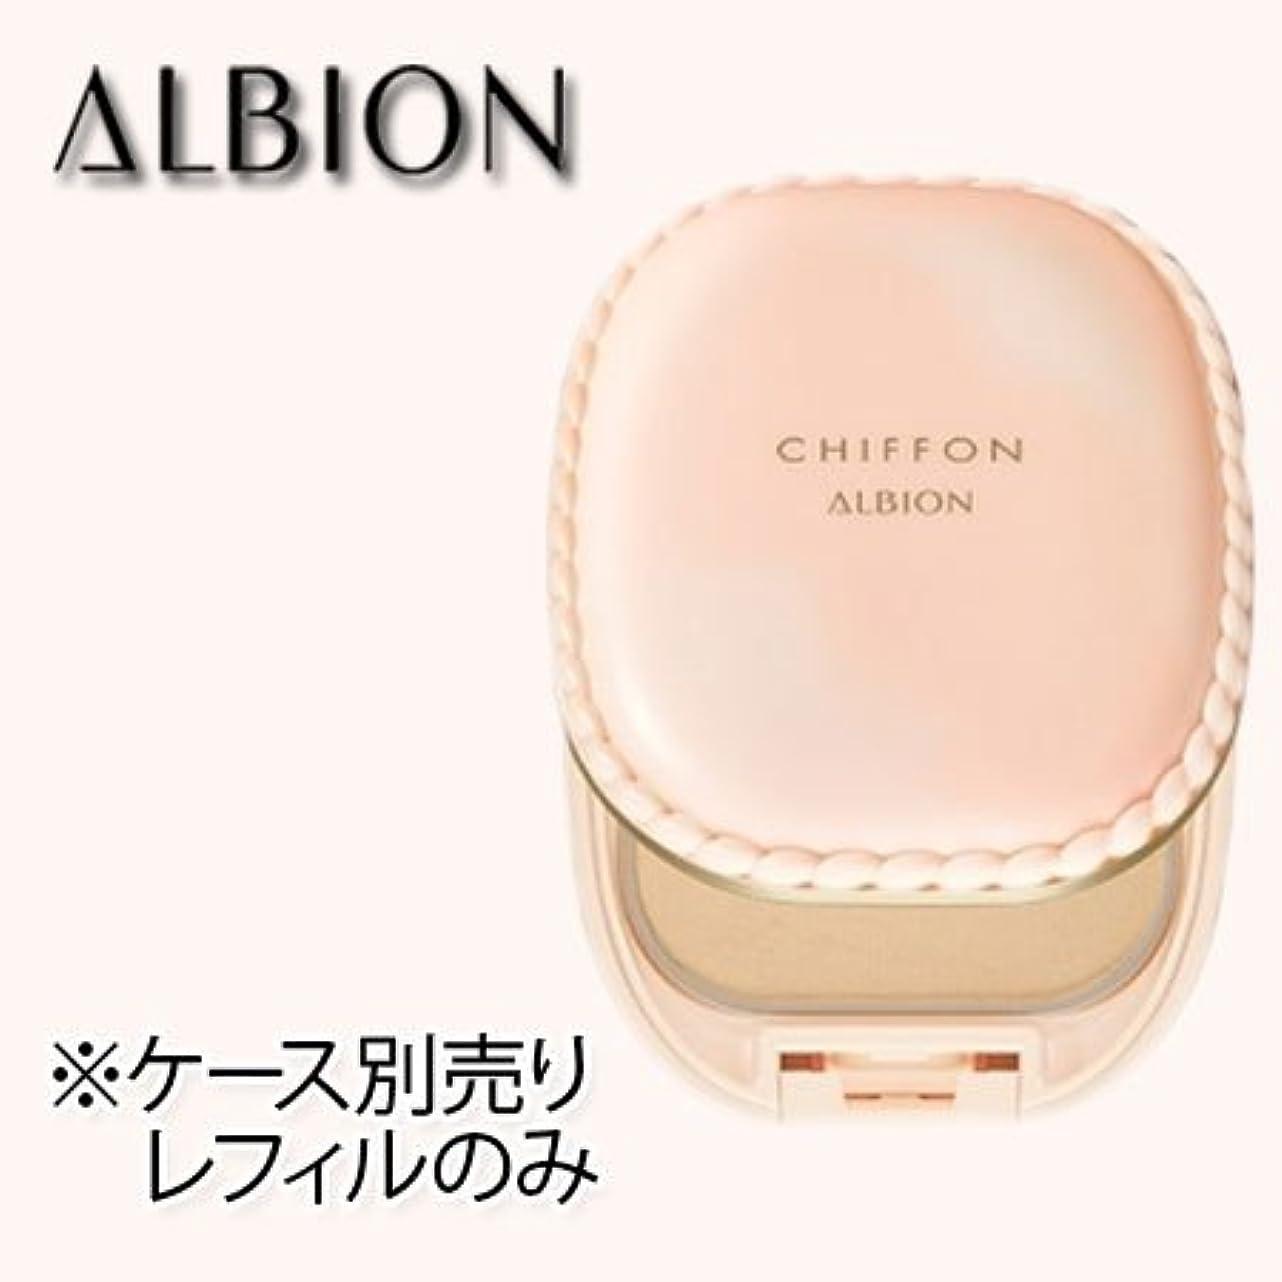 リファイン近所の刺すアルビオン スウィート モイスチュア シフォン (レフィル) 10g 6色 SPF22 PA++-ALBION- 050